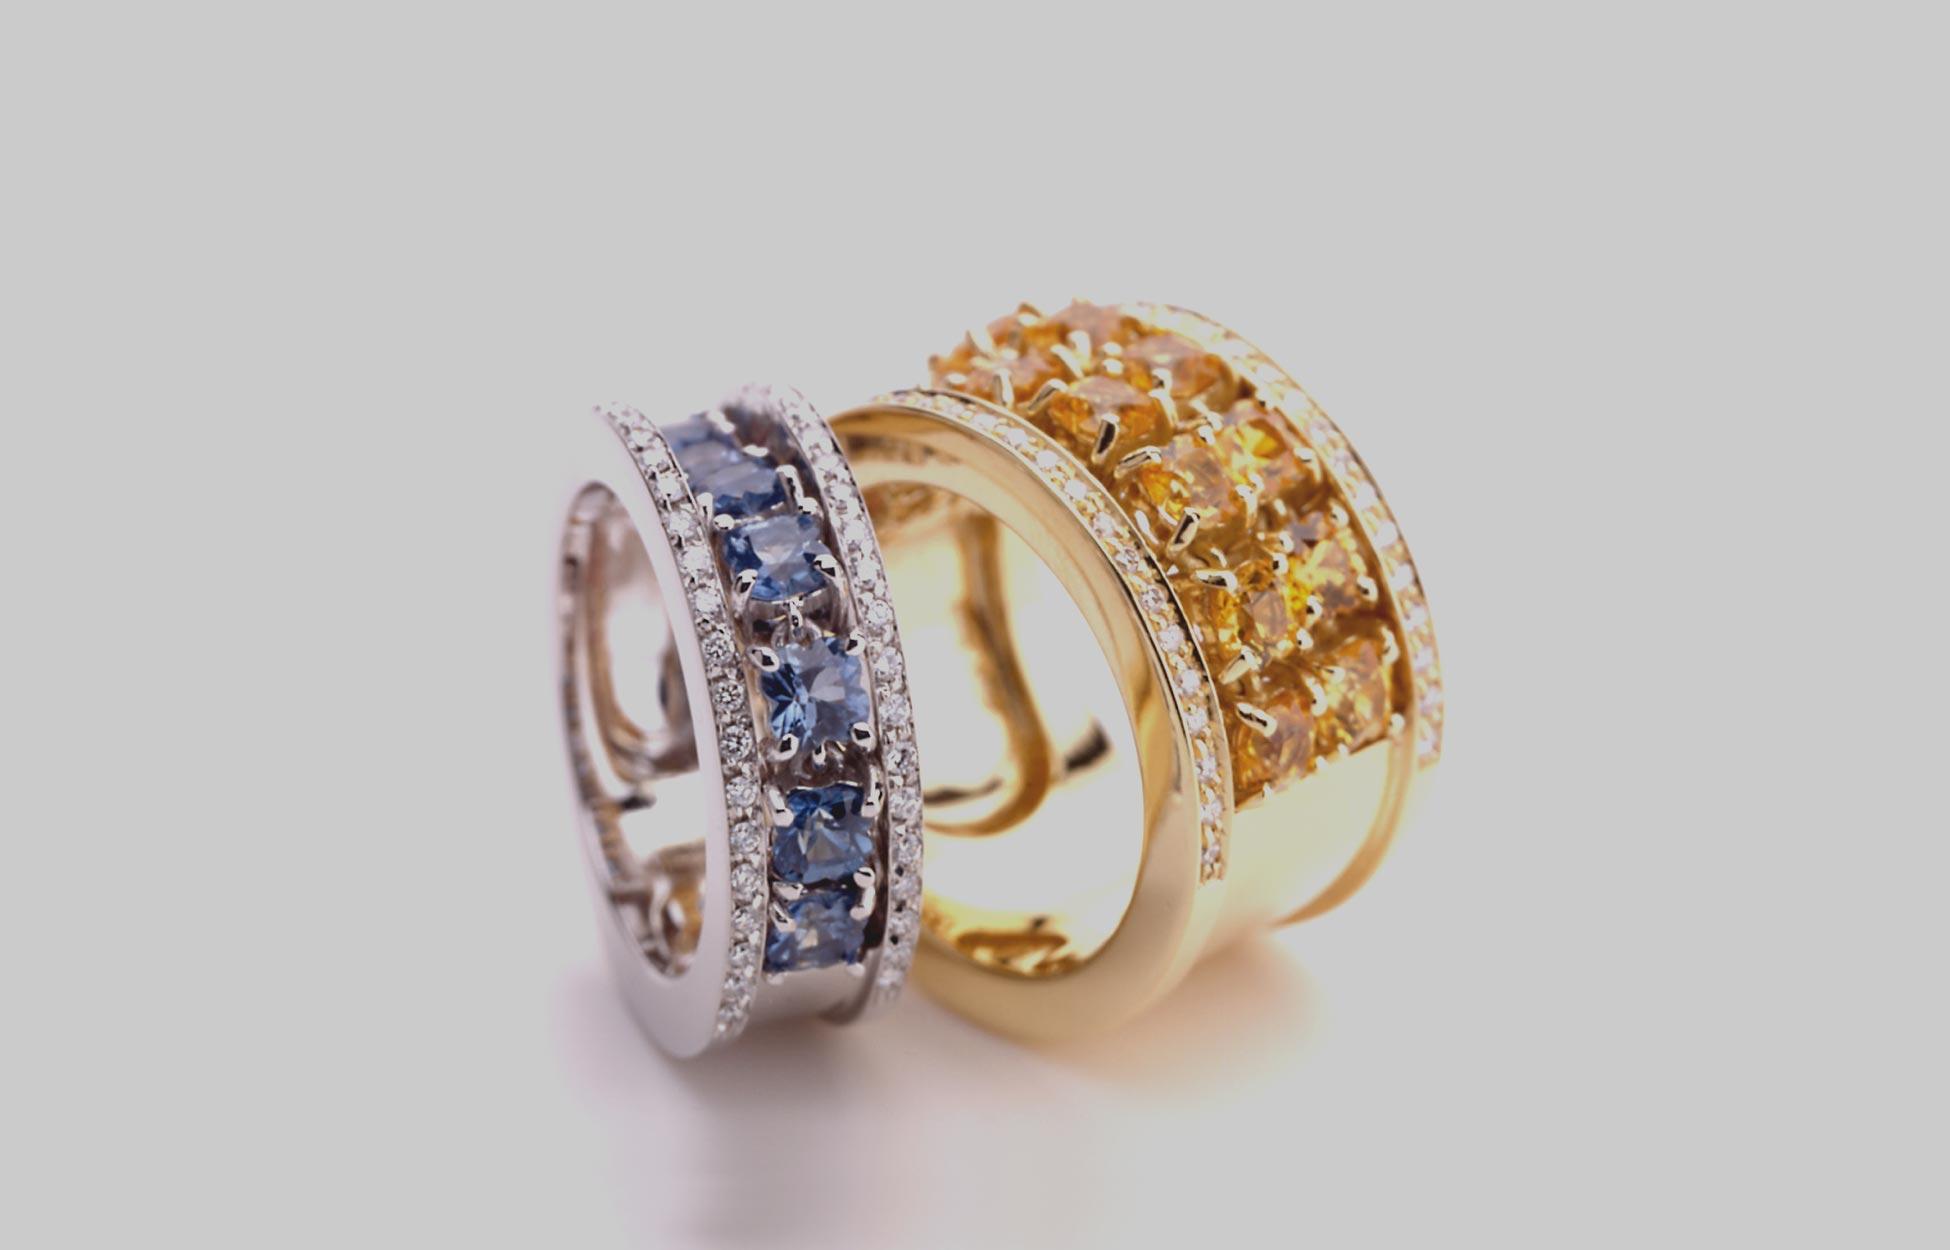 il-marchese-diamonds-diamanti-qualita-gioielli-collane-anelli-pendenti-fidanzamento-matrimonio-collezioni-117